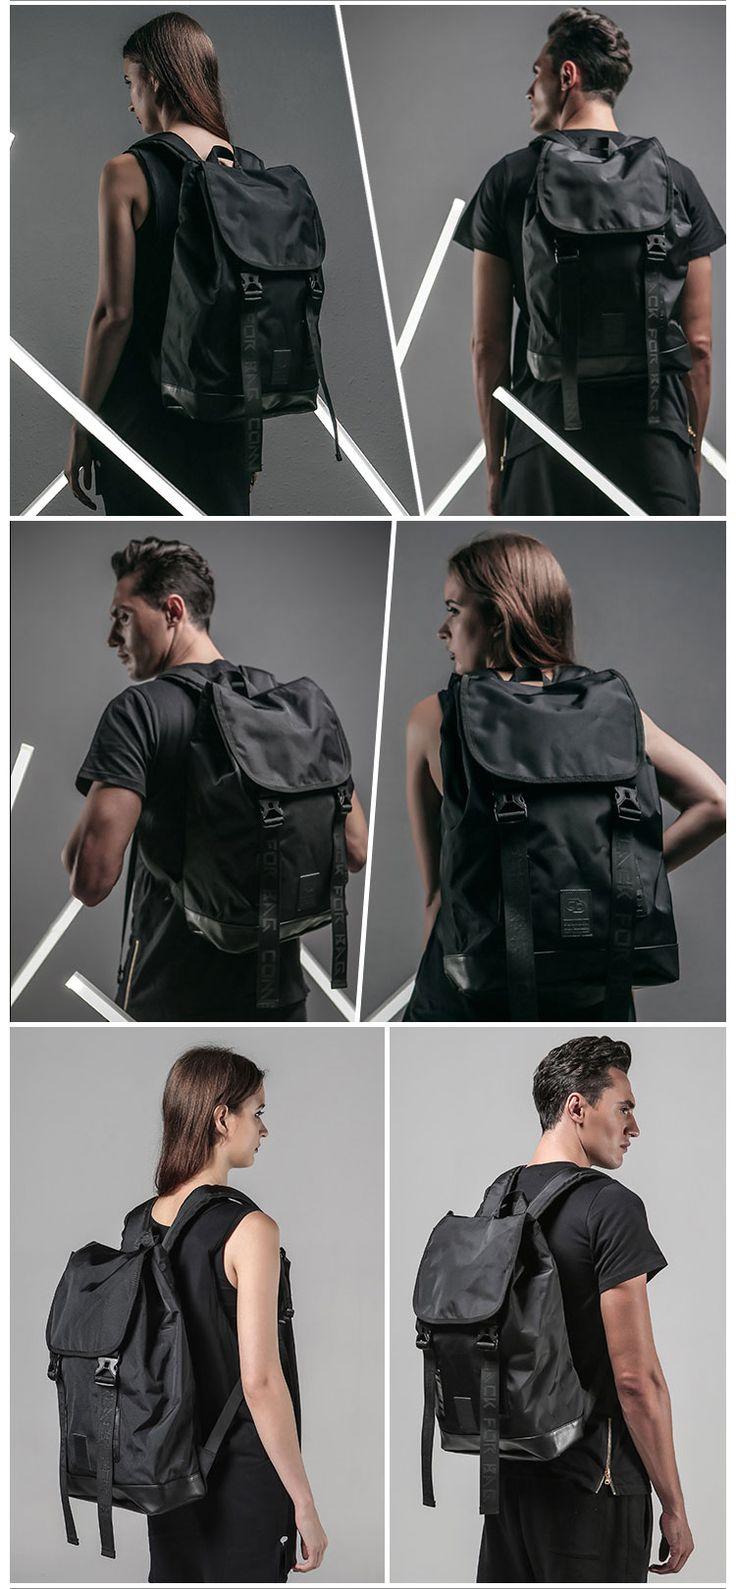 COMBACK страна приливов колледж любителей школы сумка мода многофункциональный рюкзак литературный минималистский стиль женский рюкзак-определиться. com дней кошка